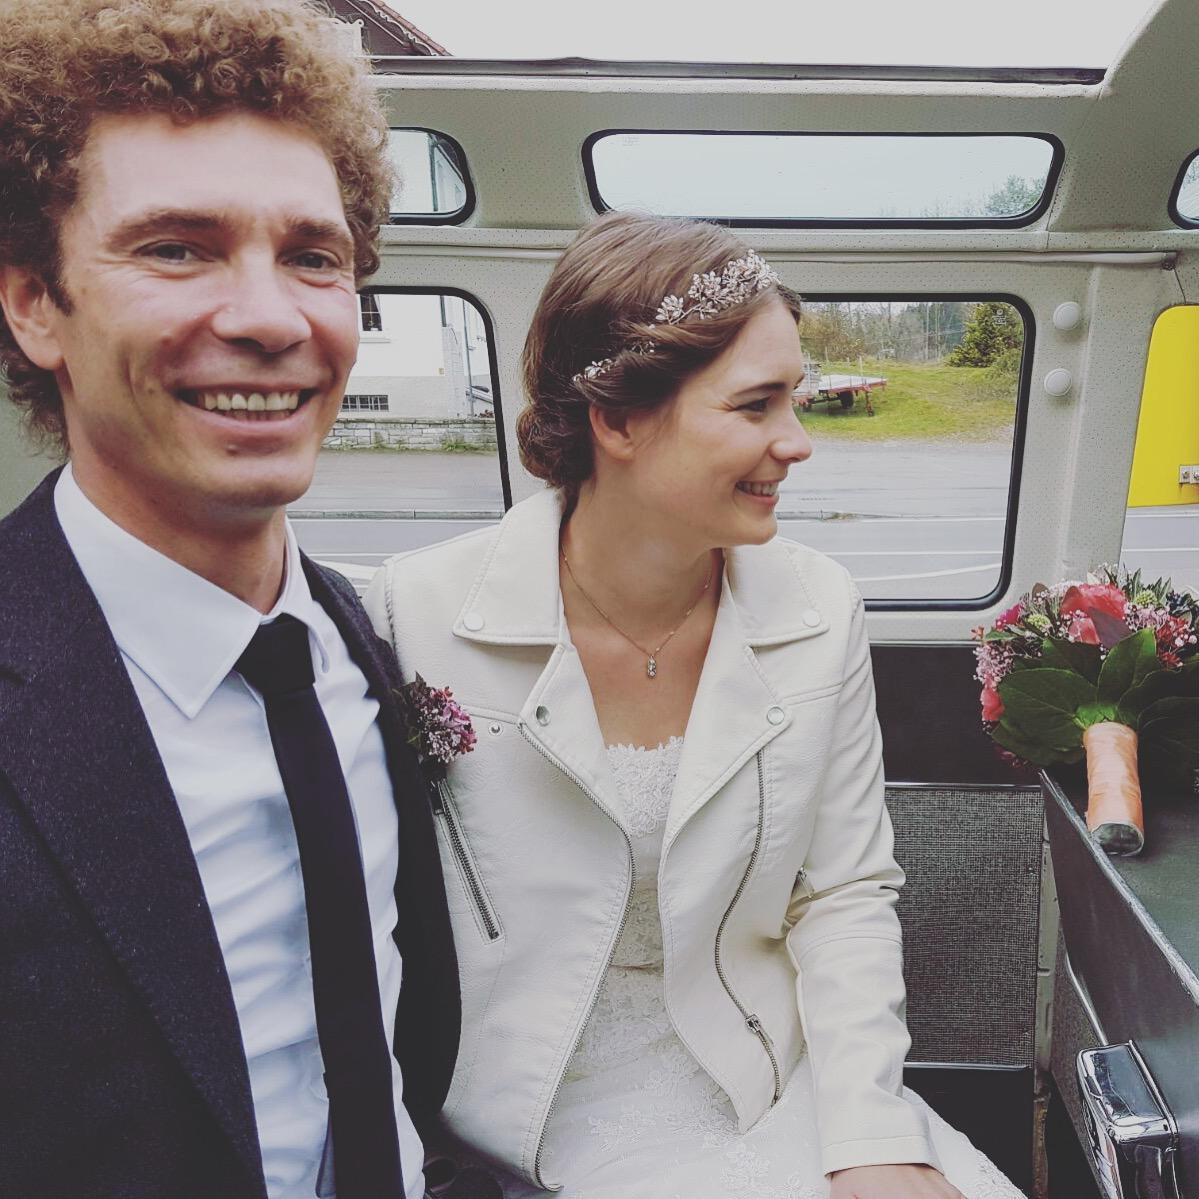 maybeyoulike_wedding3